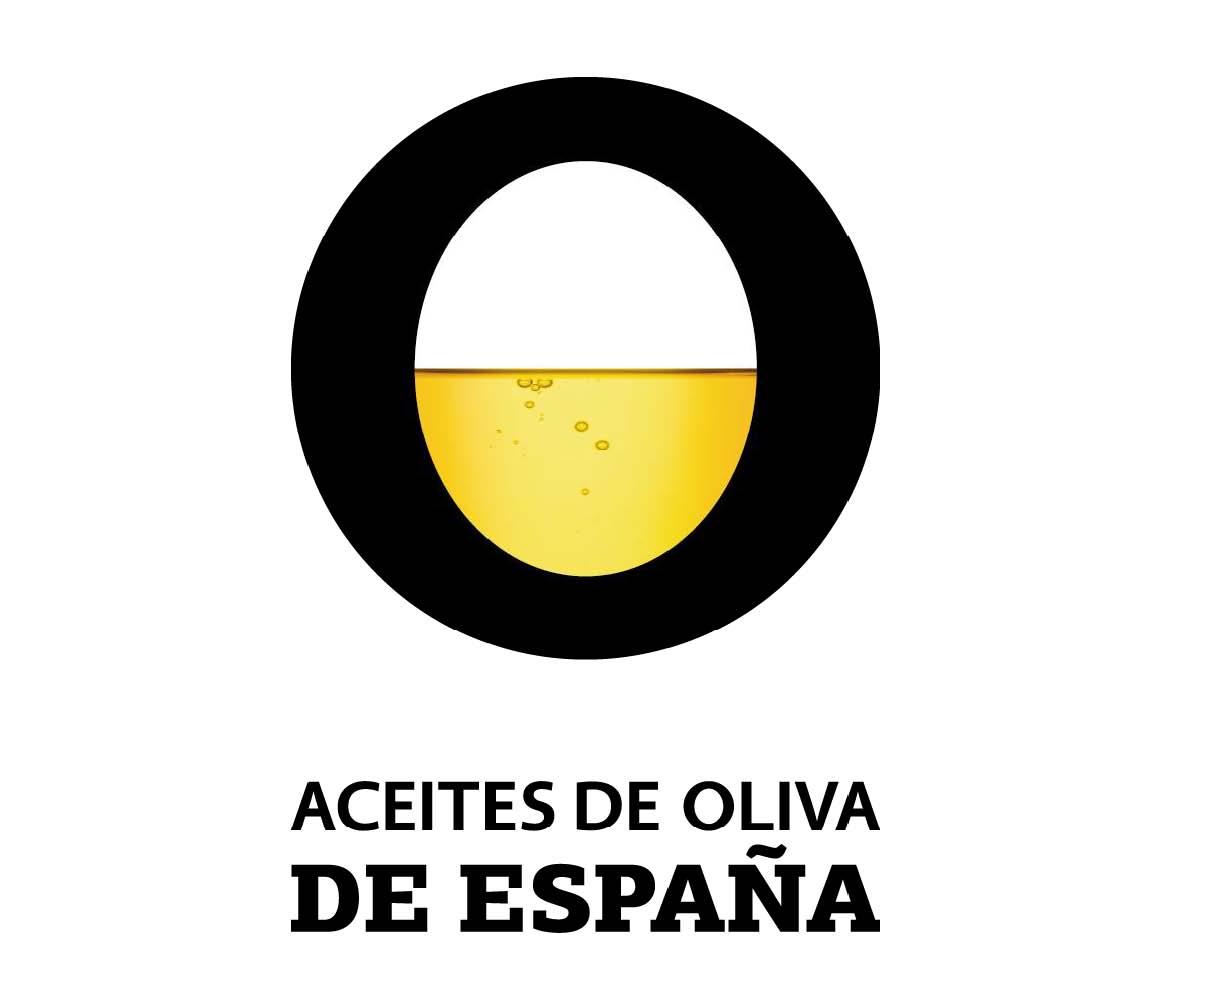 aceites de oliva